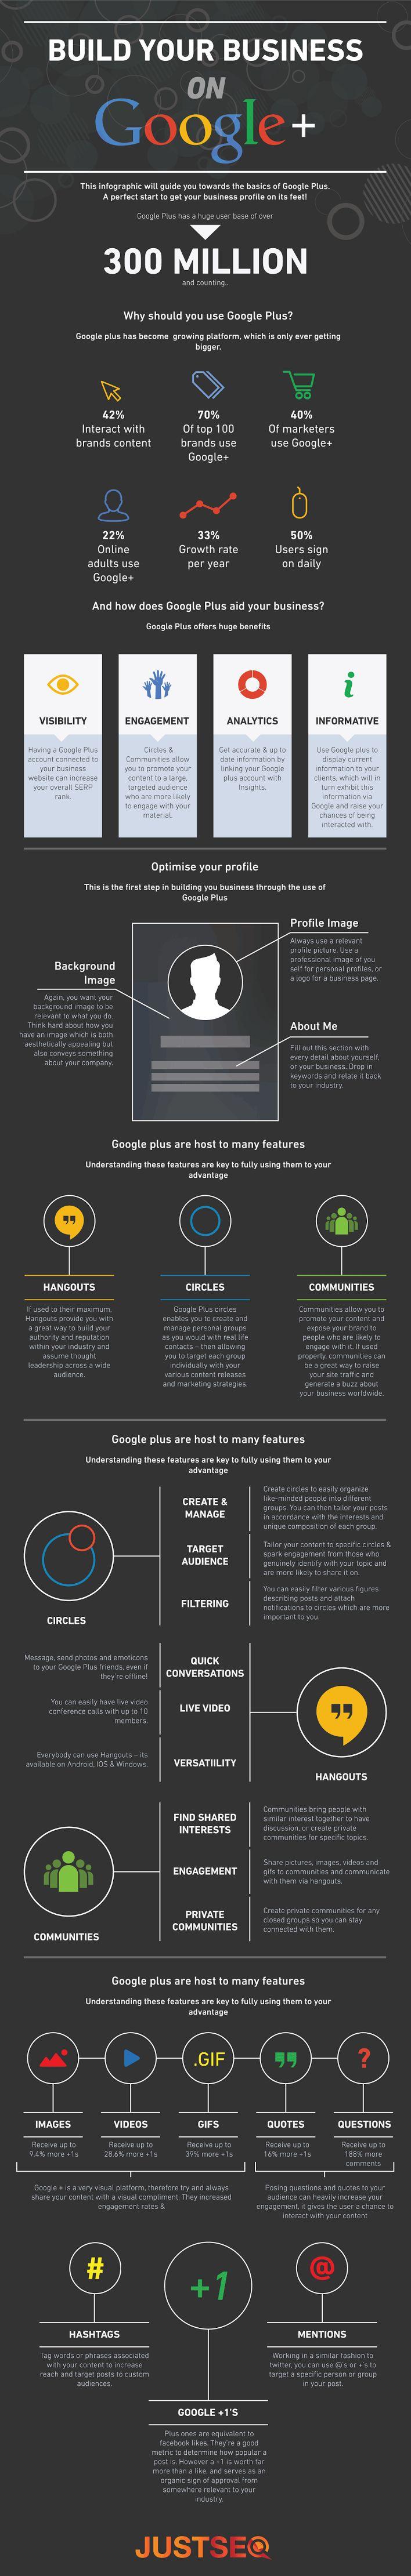 Wat kan je als #bedrijf doen op #Google+?